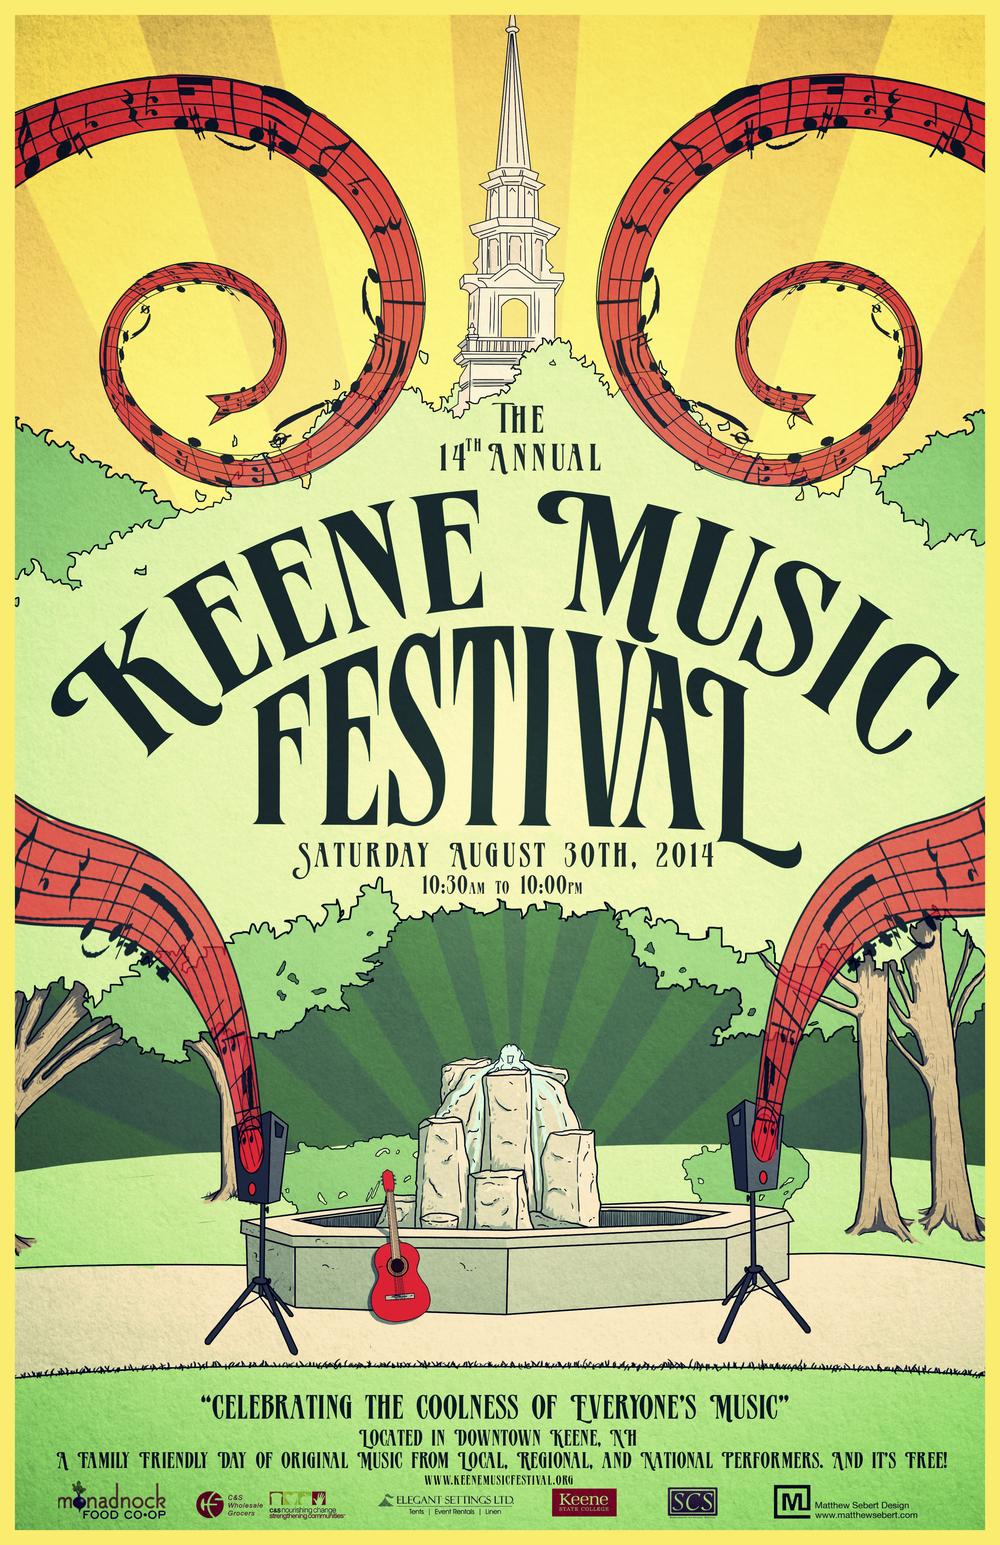 The 2014 Keene Music Festival Poster created by Matt Sebert.